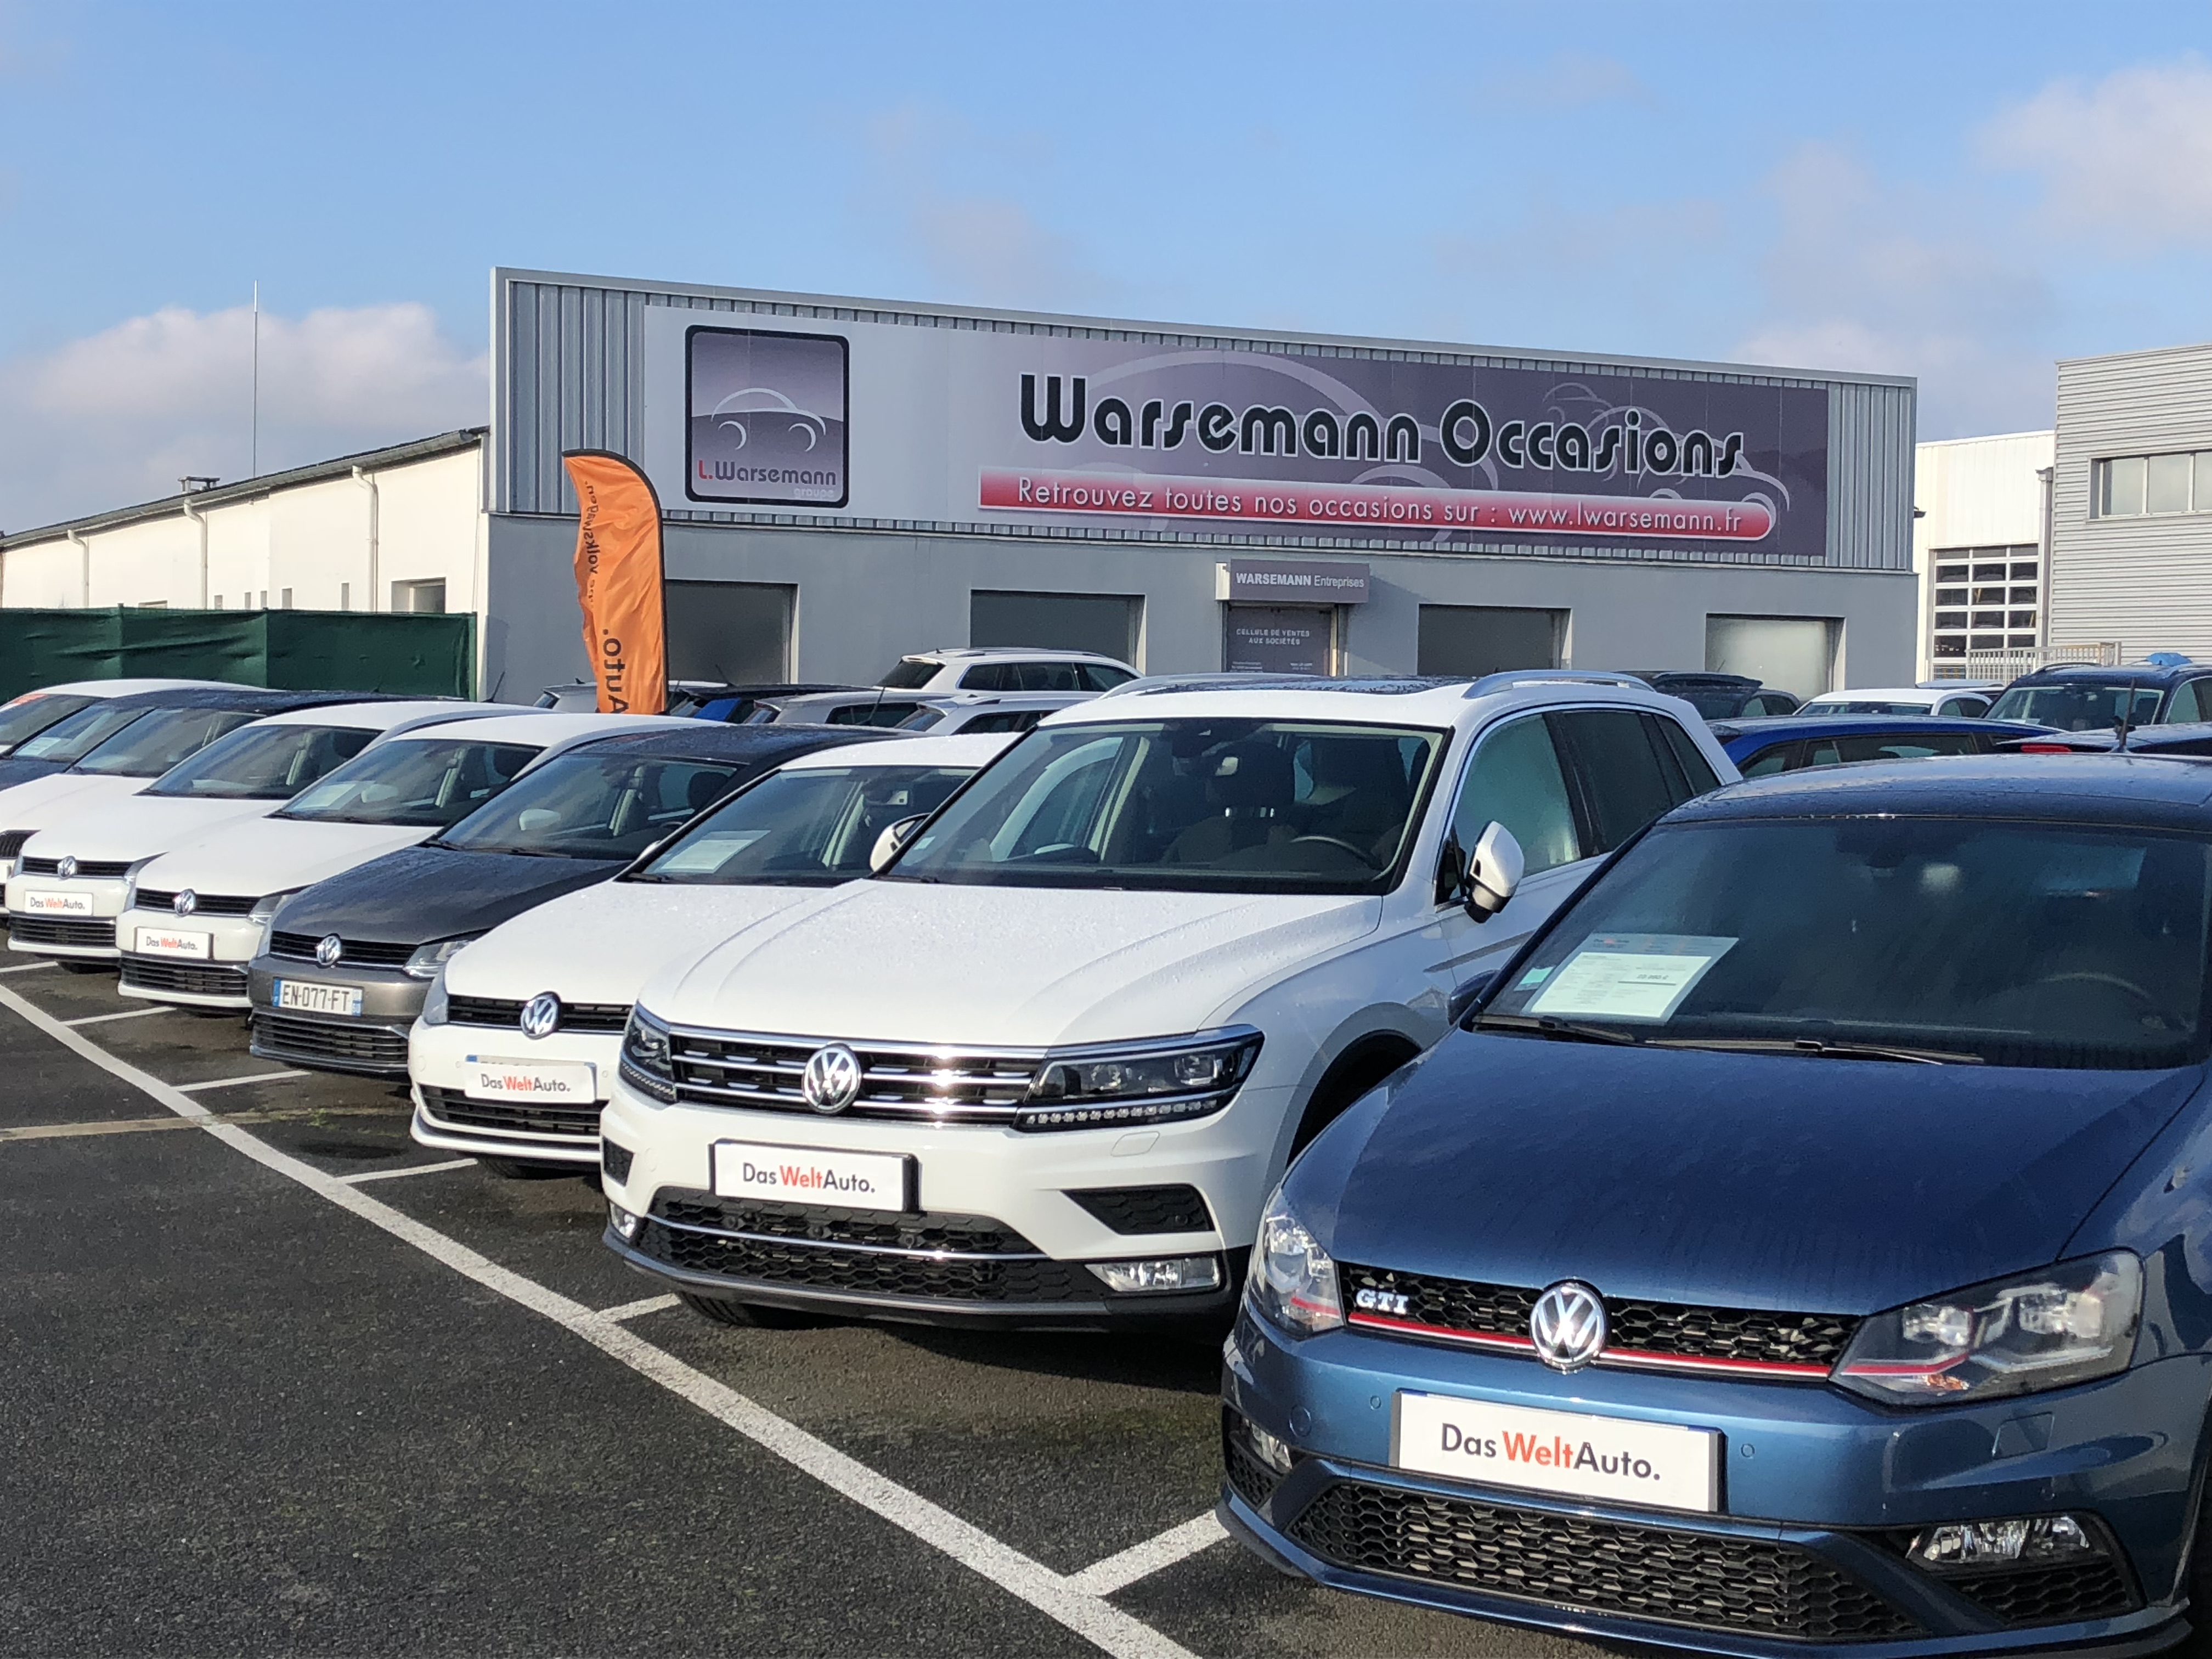 Automobiles warsemann tours concessionnaire aucun st cyr for Garage auto st cyr sur loire